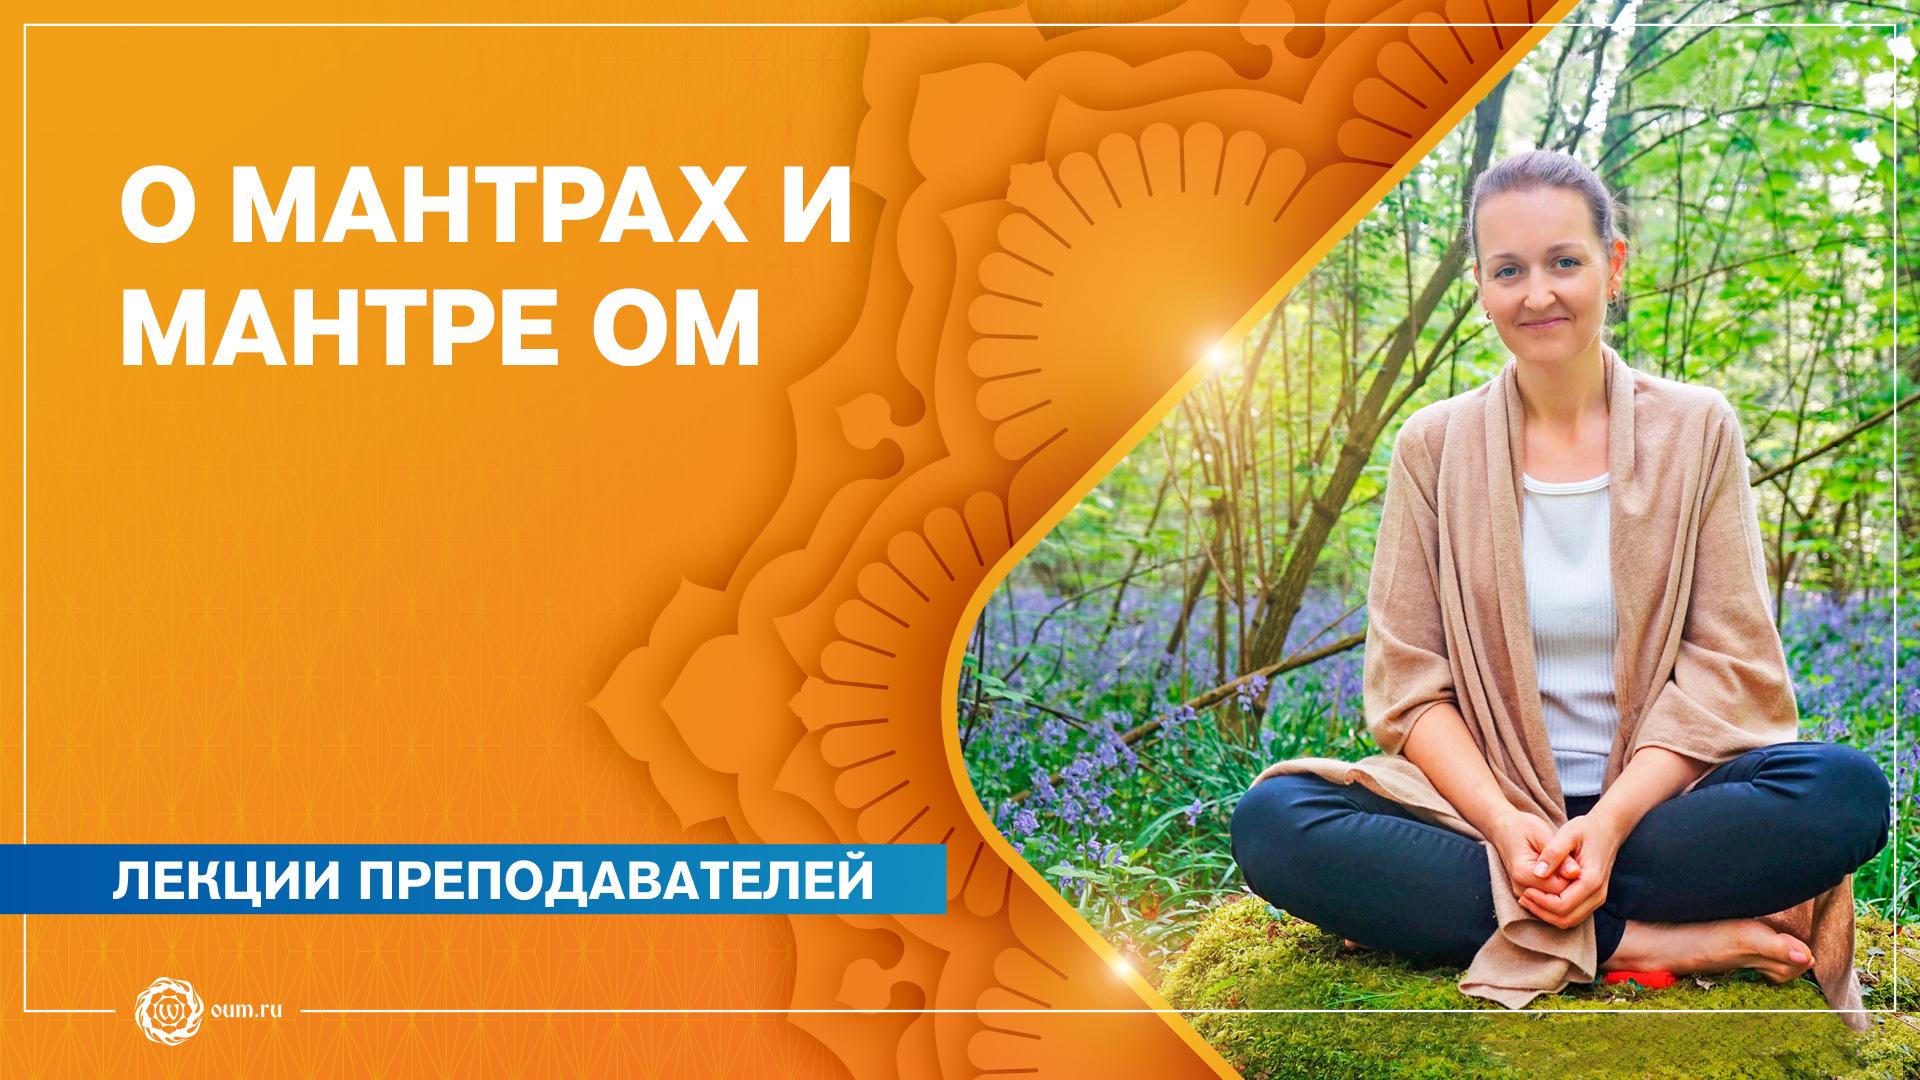 О мантрах и мантре Ом. Екатерина Чумачек